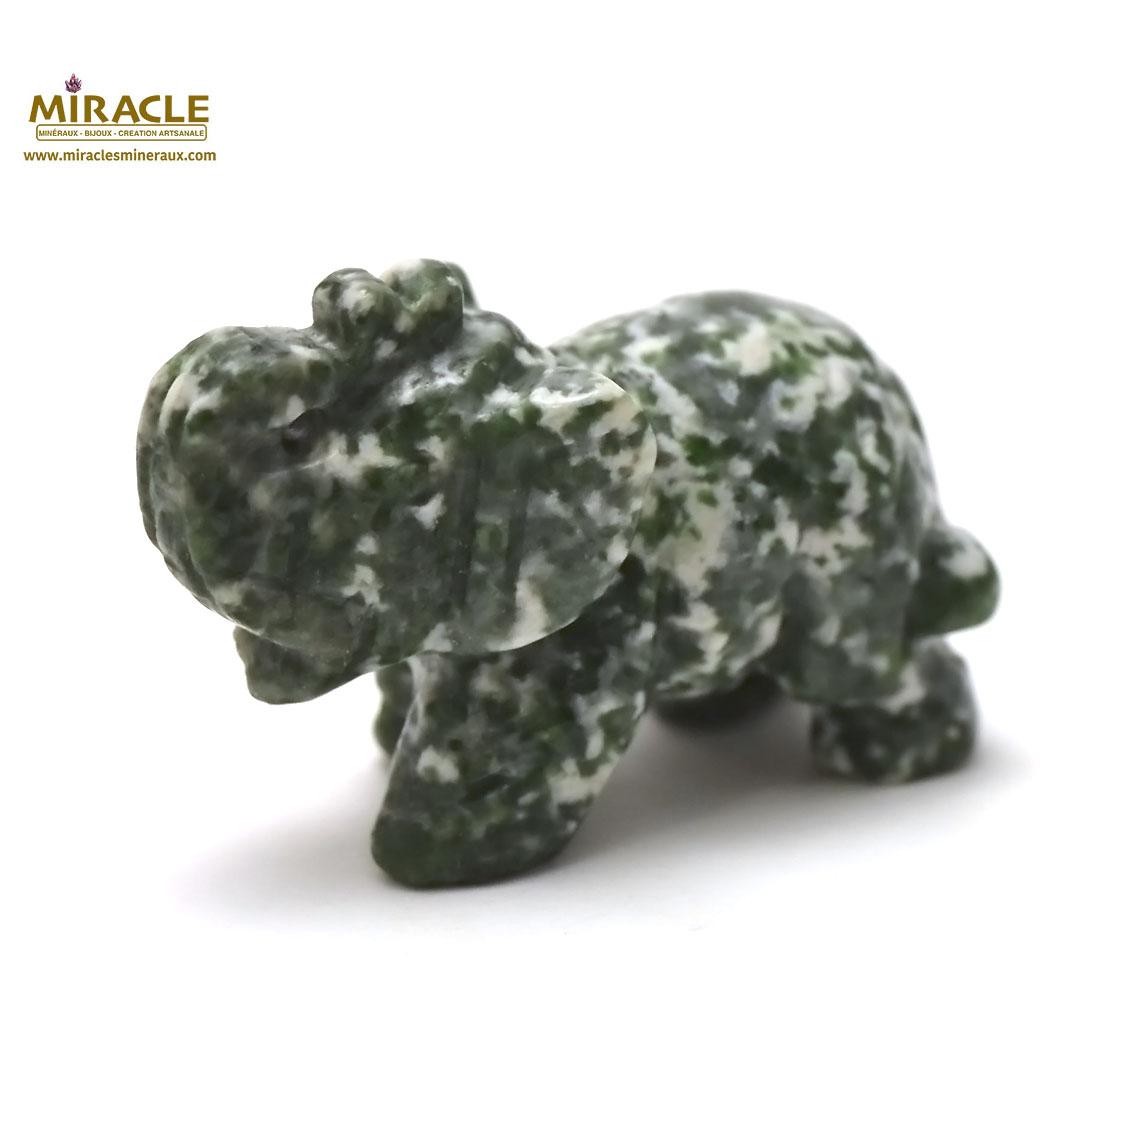 Magnifique statuette éléphant en pierre naturelle de jaspe vert